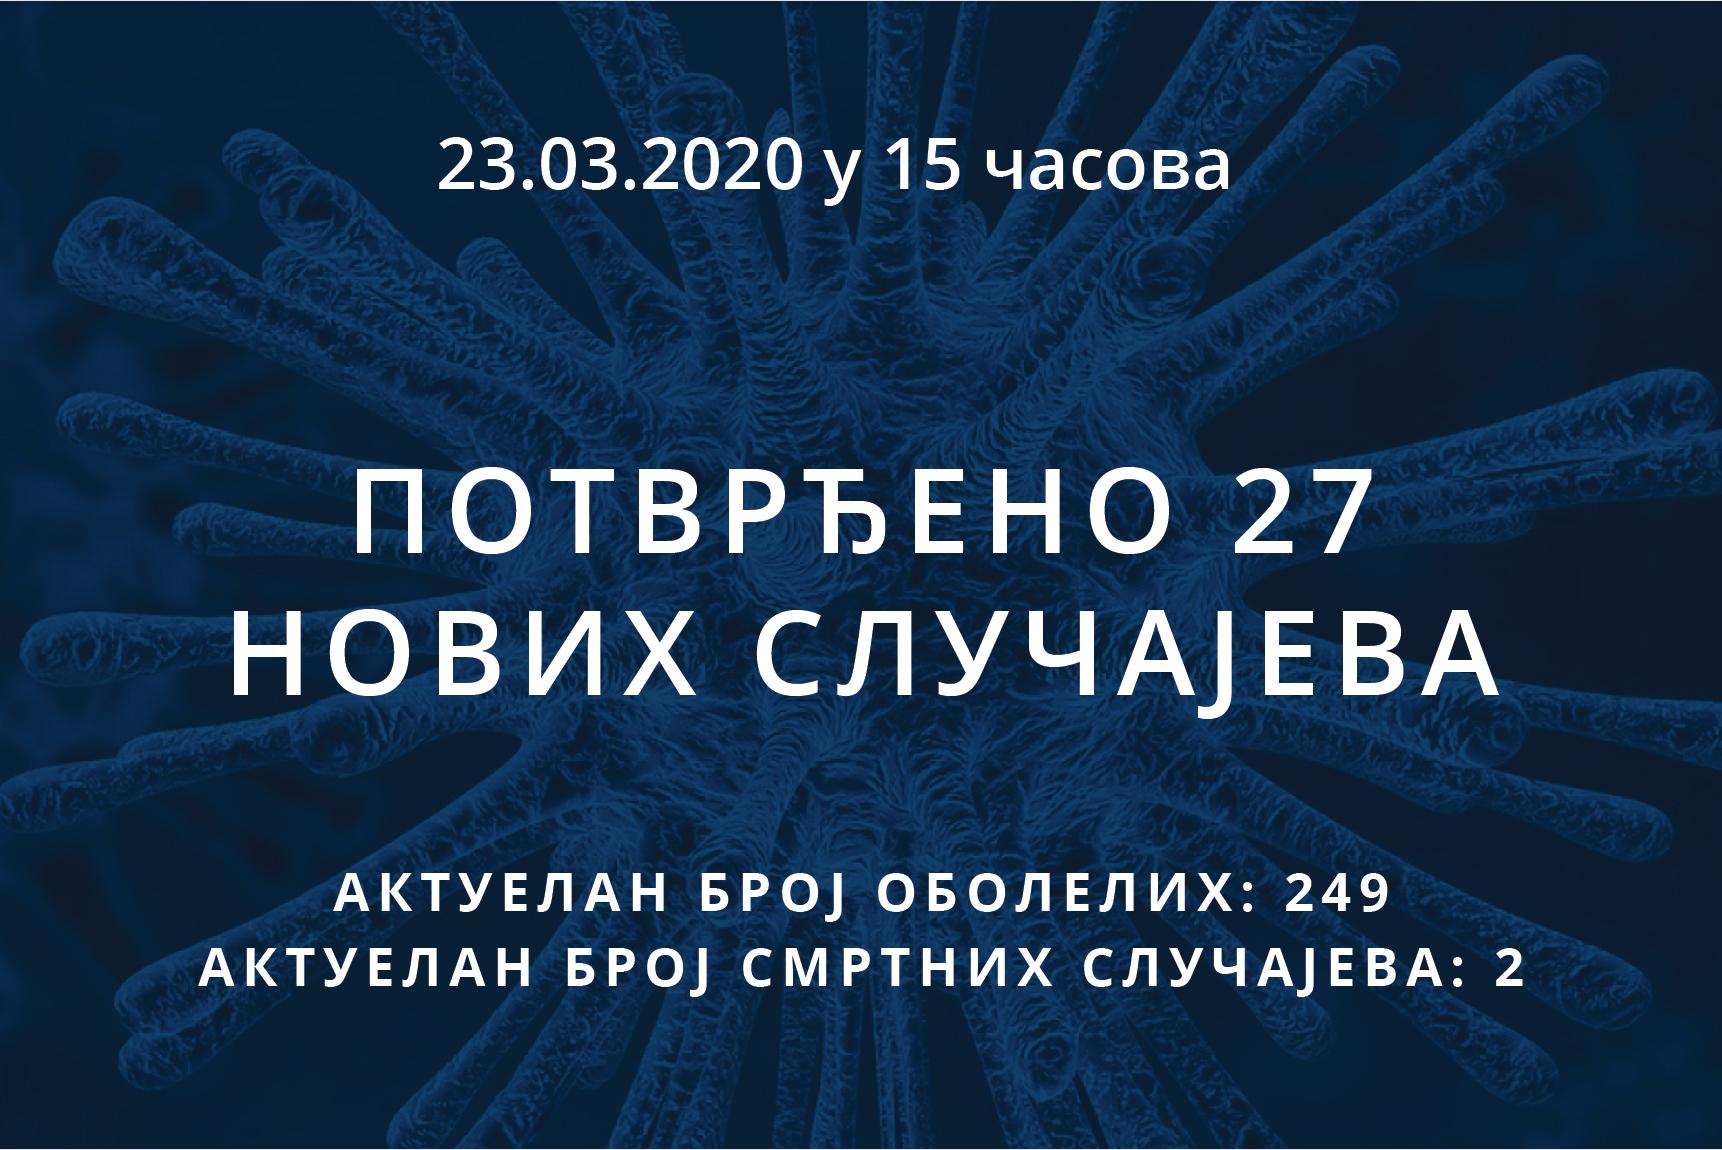 Информације о корона вирусу COVID-19, 23.03.2020 у 15 часова